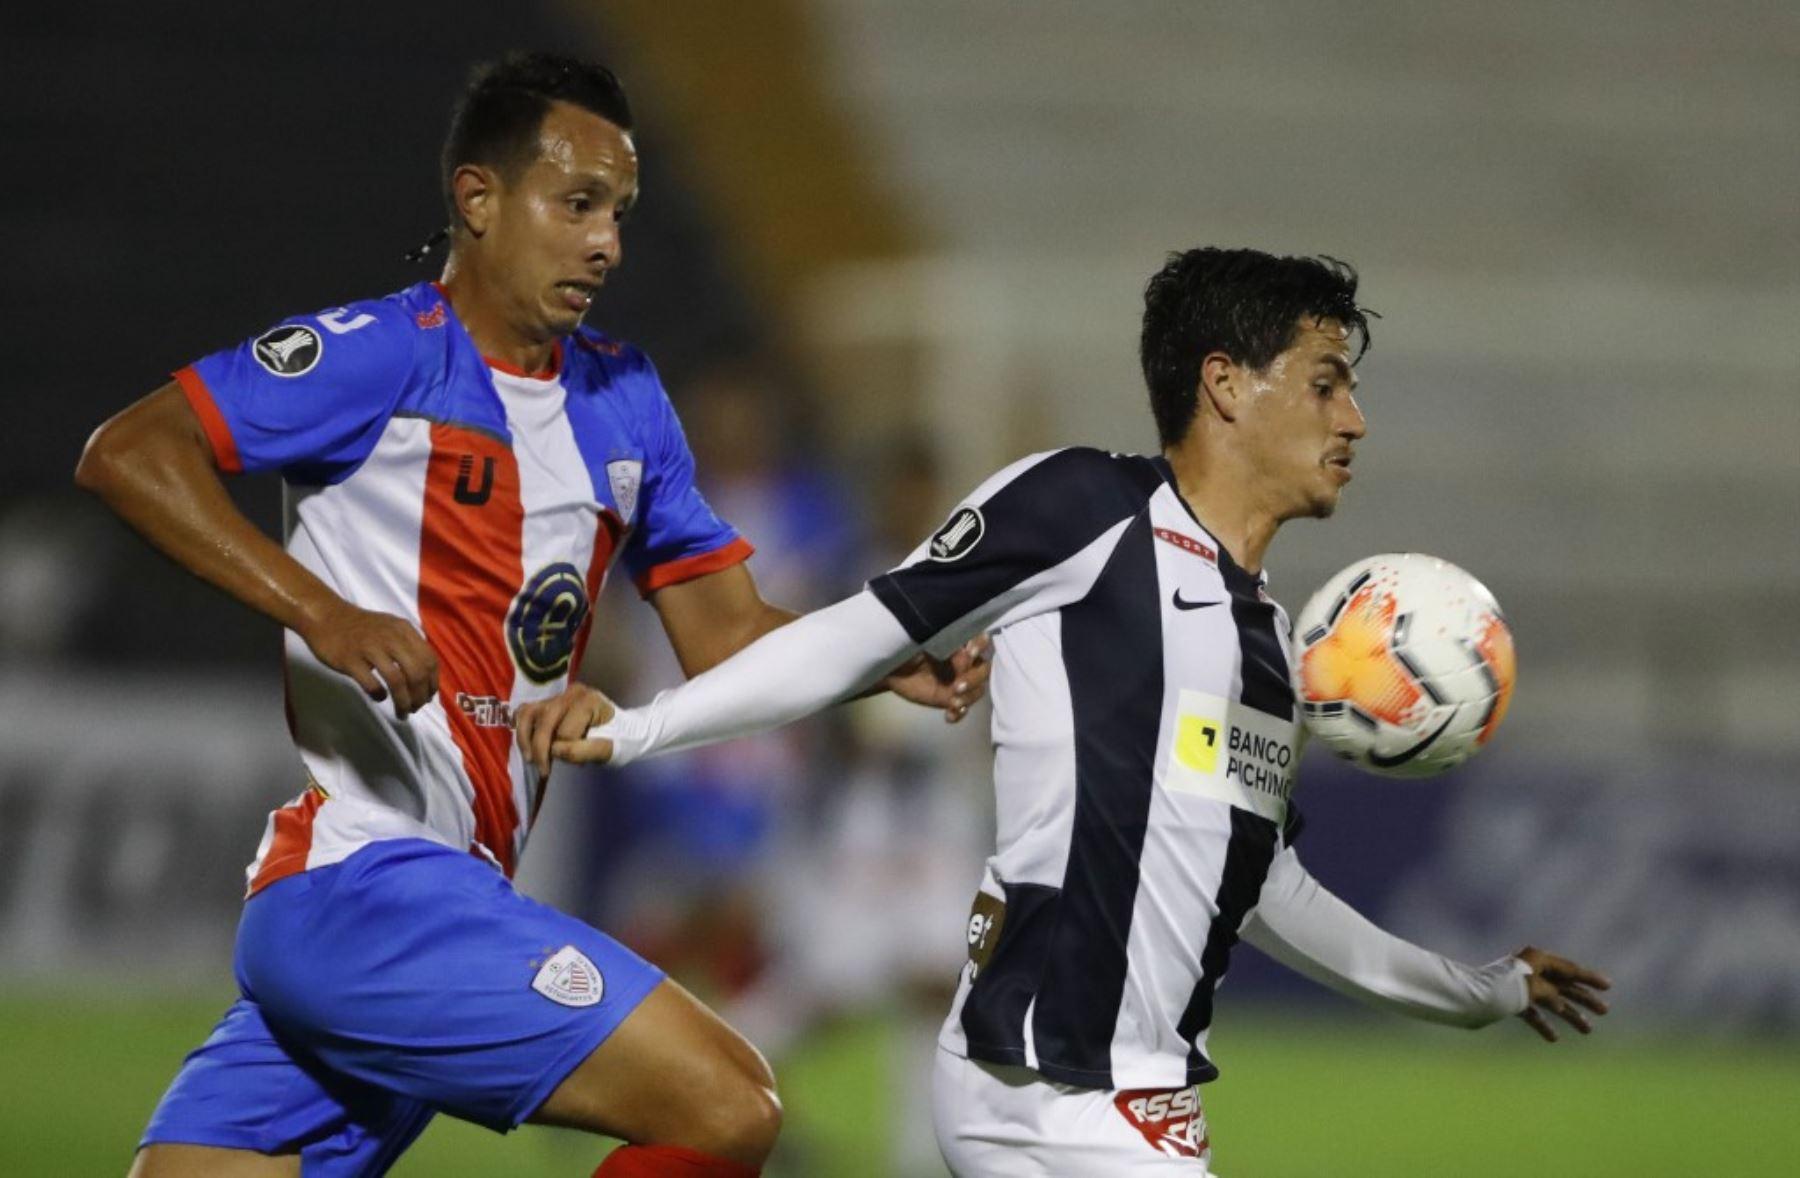 Yorwin Lobo del Estudiantes de Mérida  disputa el balón con Anthony Rosell de Alianza Lima en el encuentro que culminó 2 a 2 por la Copa Libertadores.  Foto: AFP